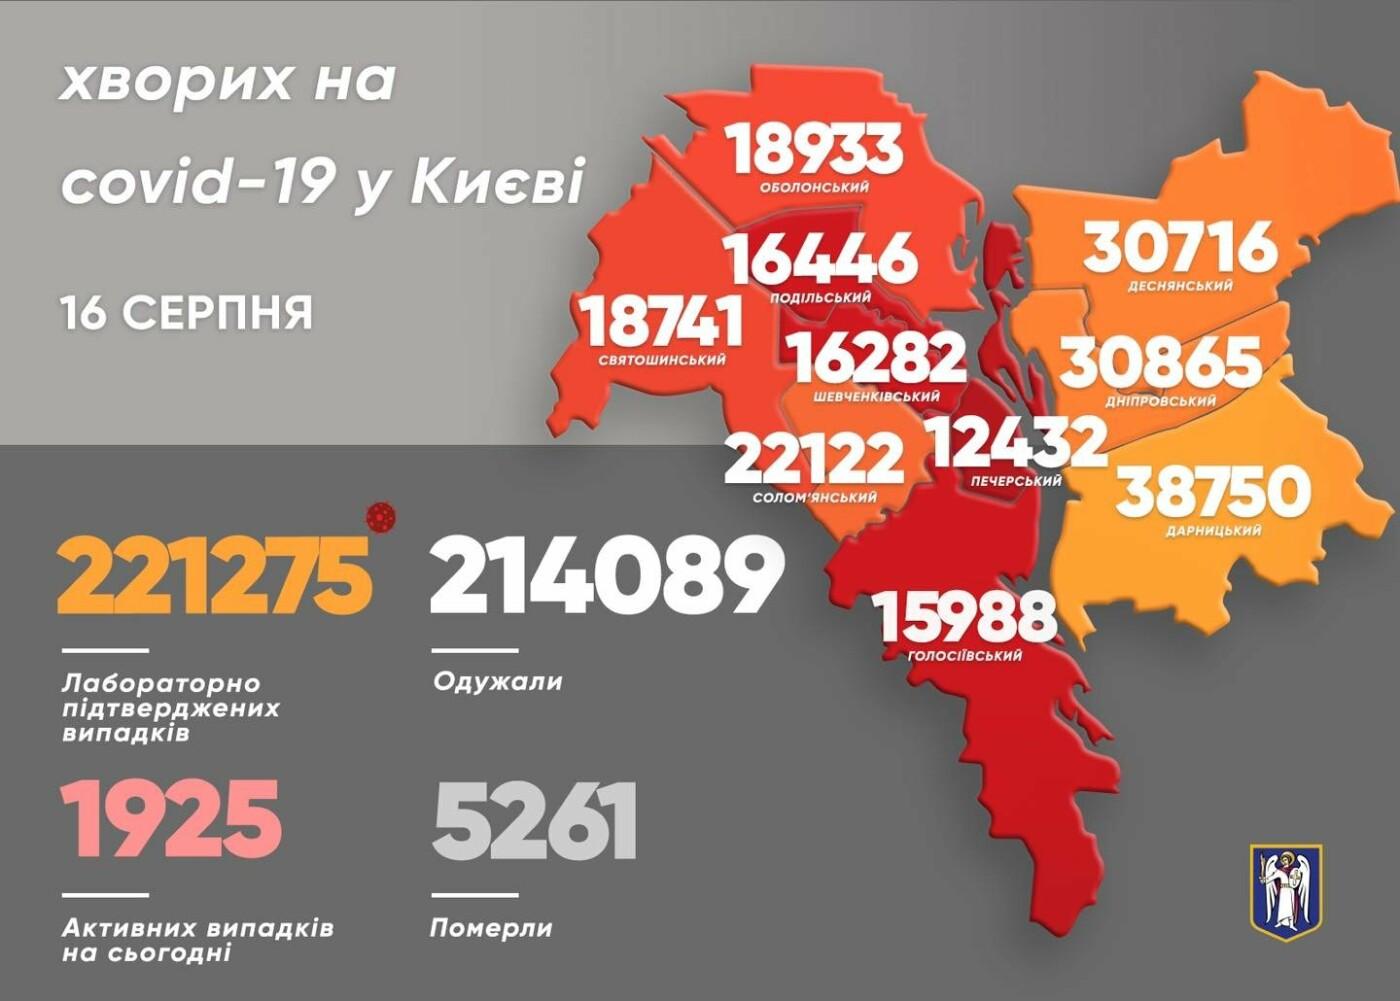 Статистика на 16 августа